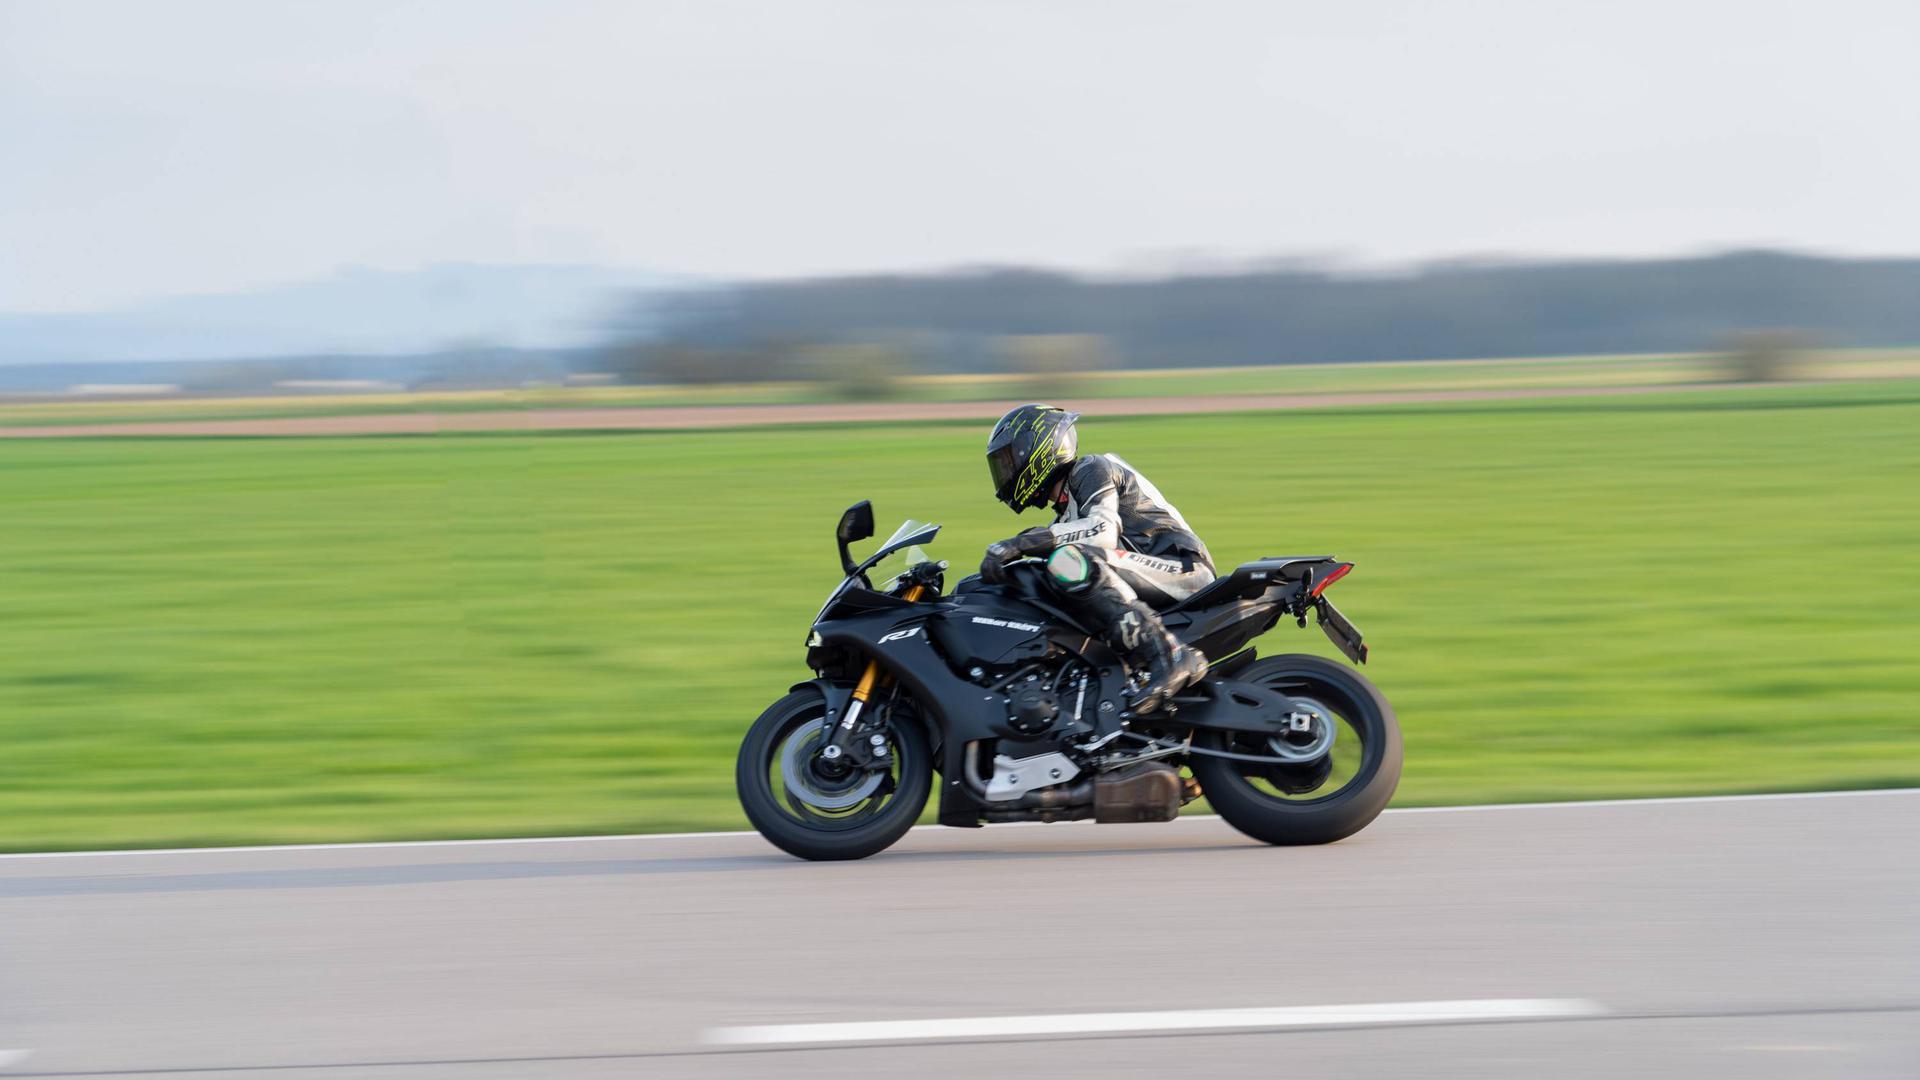 Ein Motorradfahrer auf freier Strecke